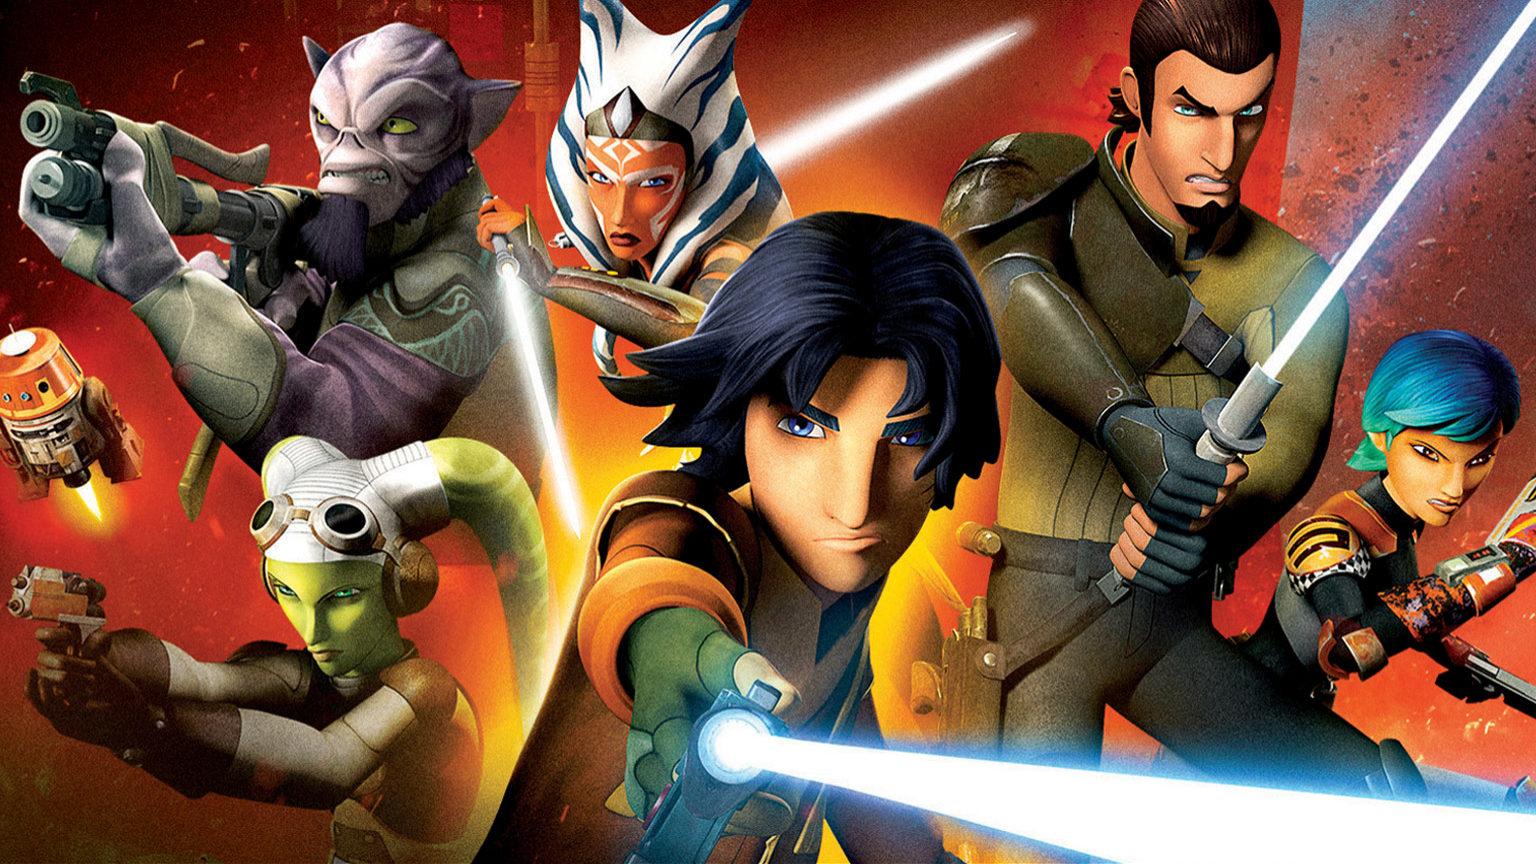 star-wars-rebels-s2-bluray-homeent-tall-1536x864-439070886000